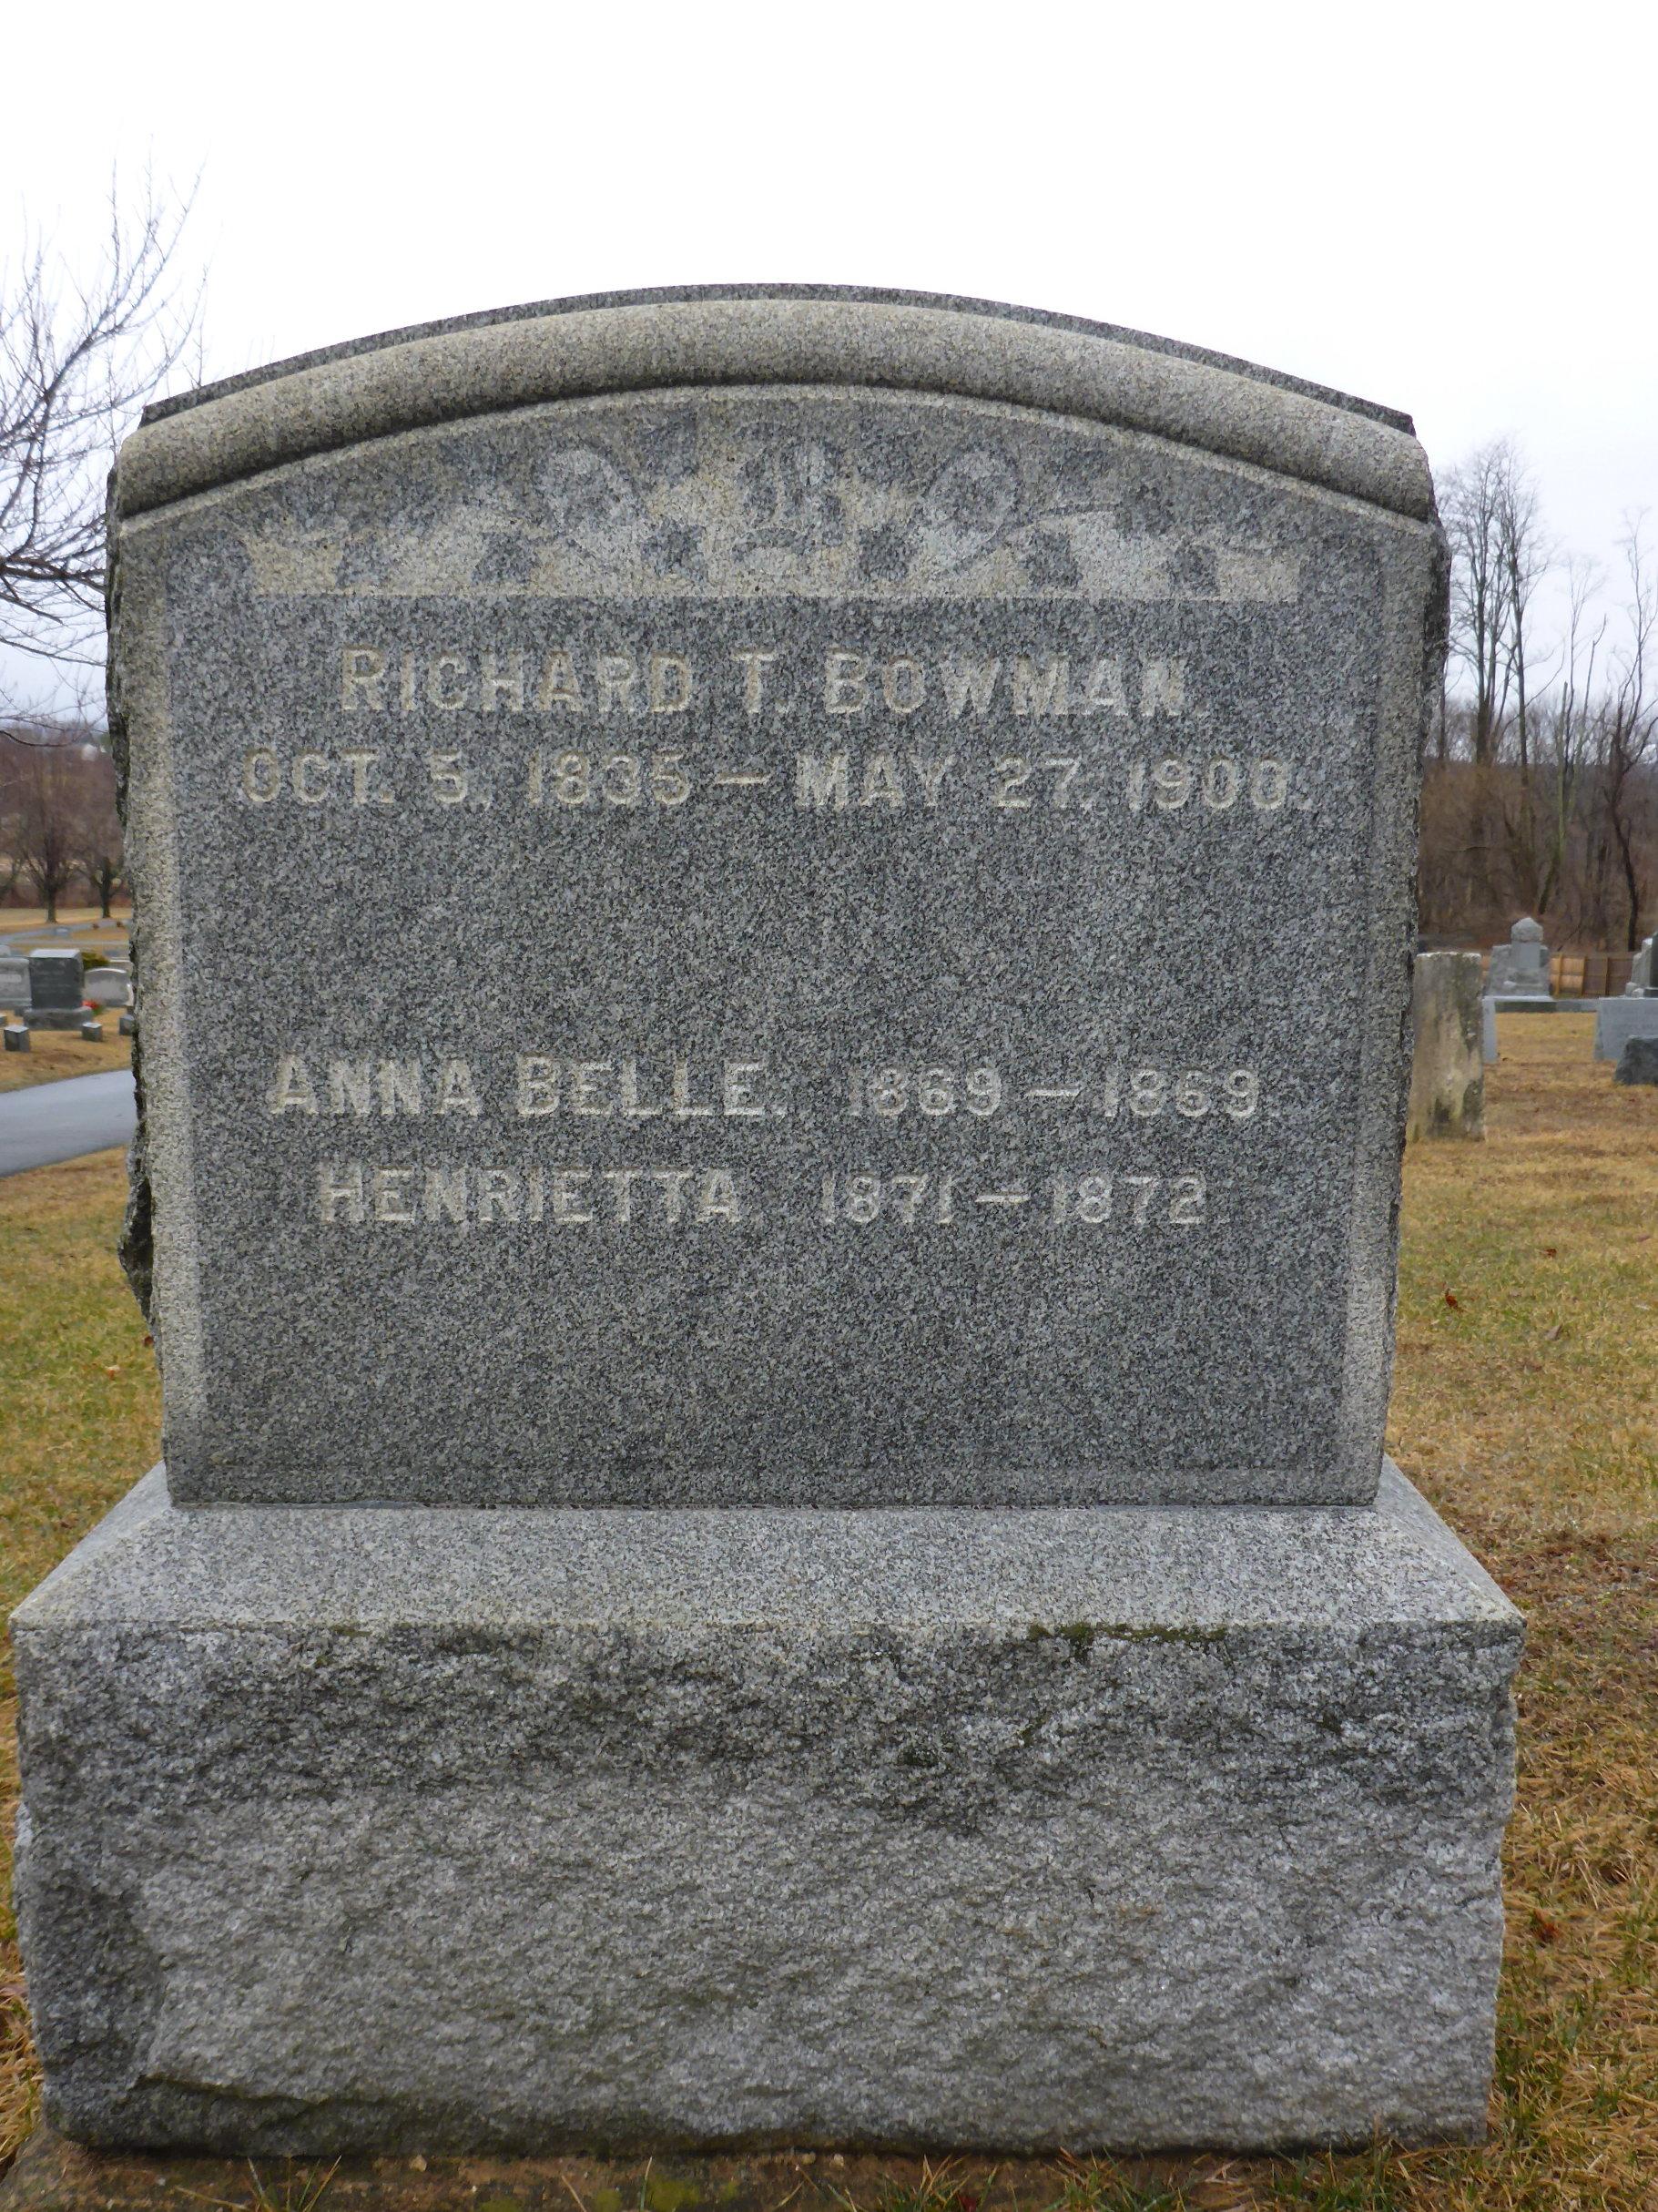 Richard T. Bowman